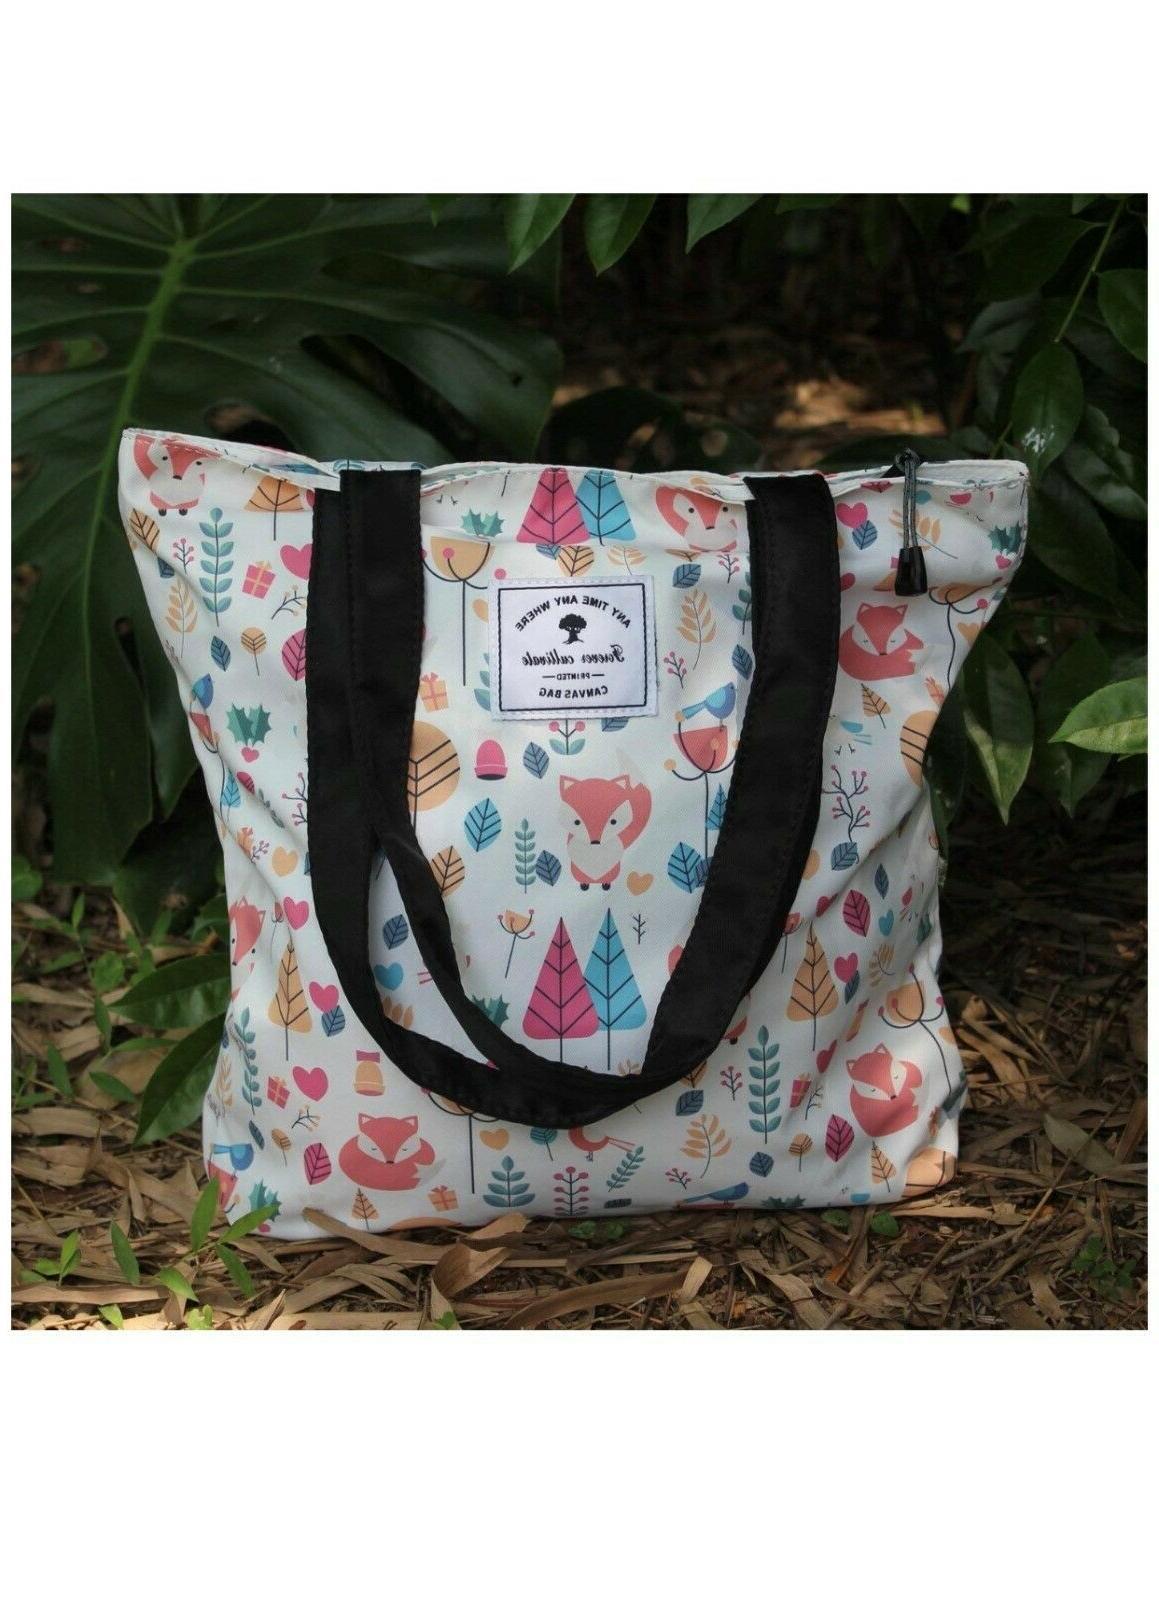 Original Floral Tote Shoulder Bag Hiking Picnic Travel